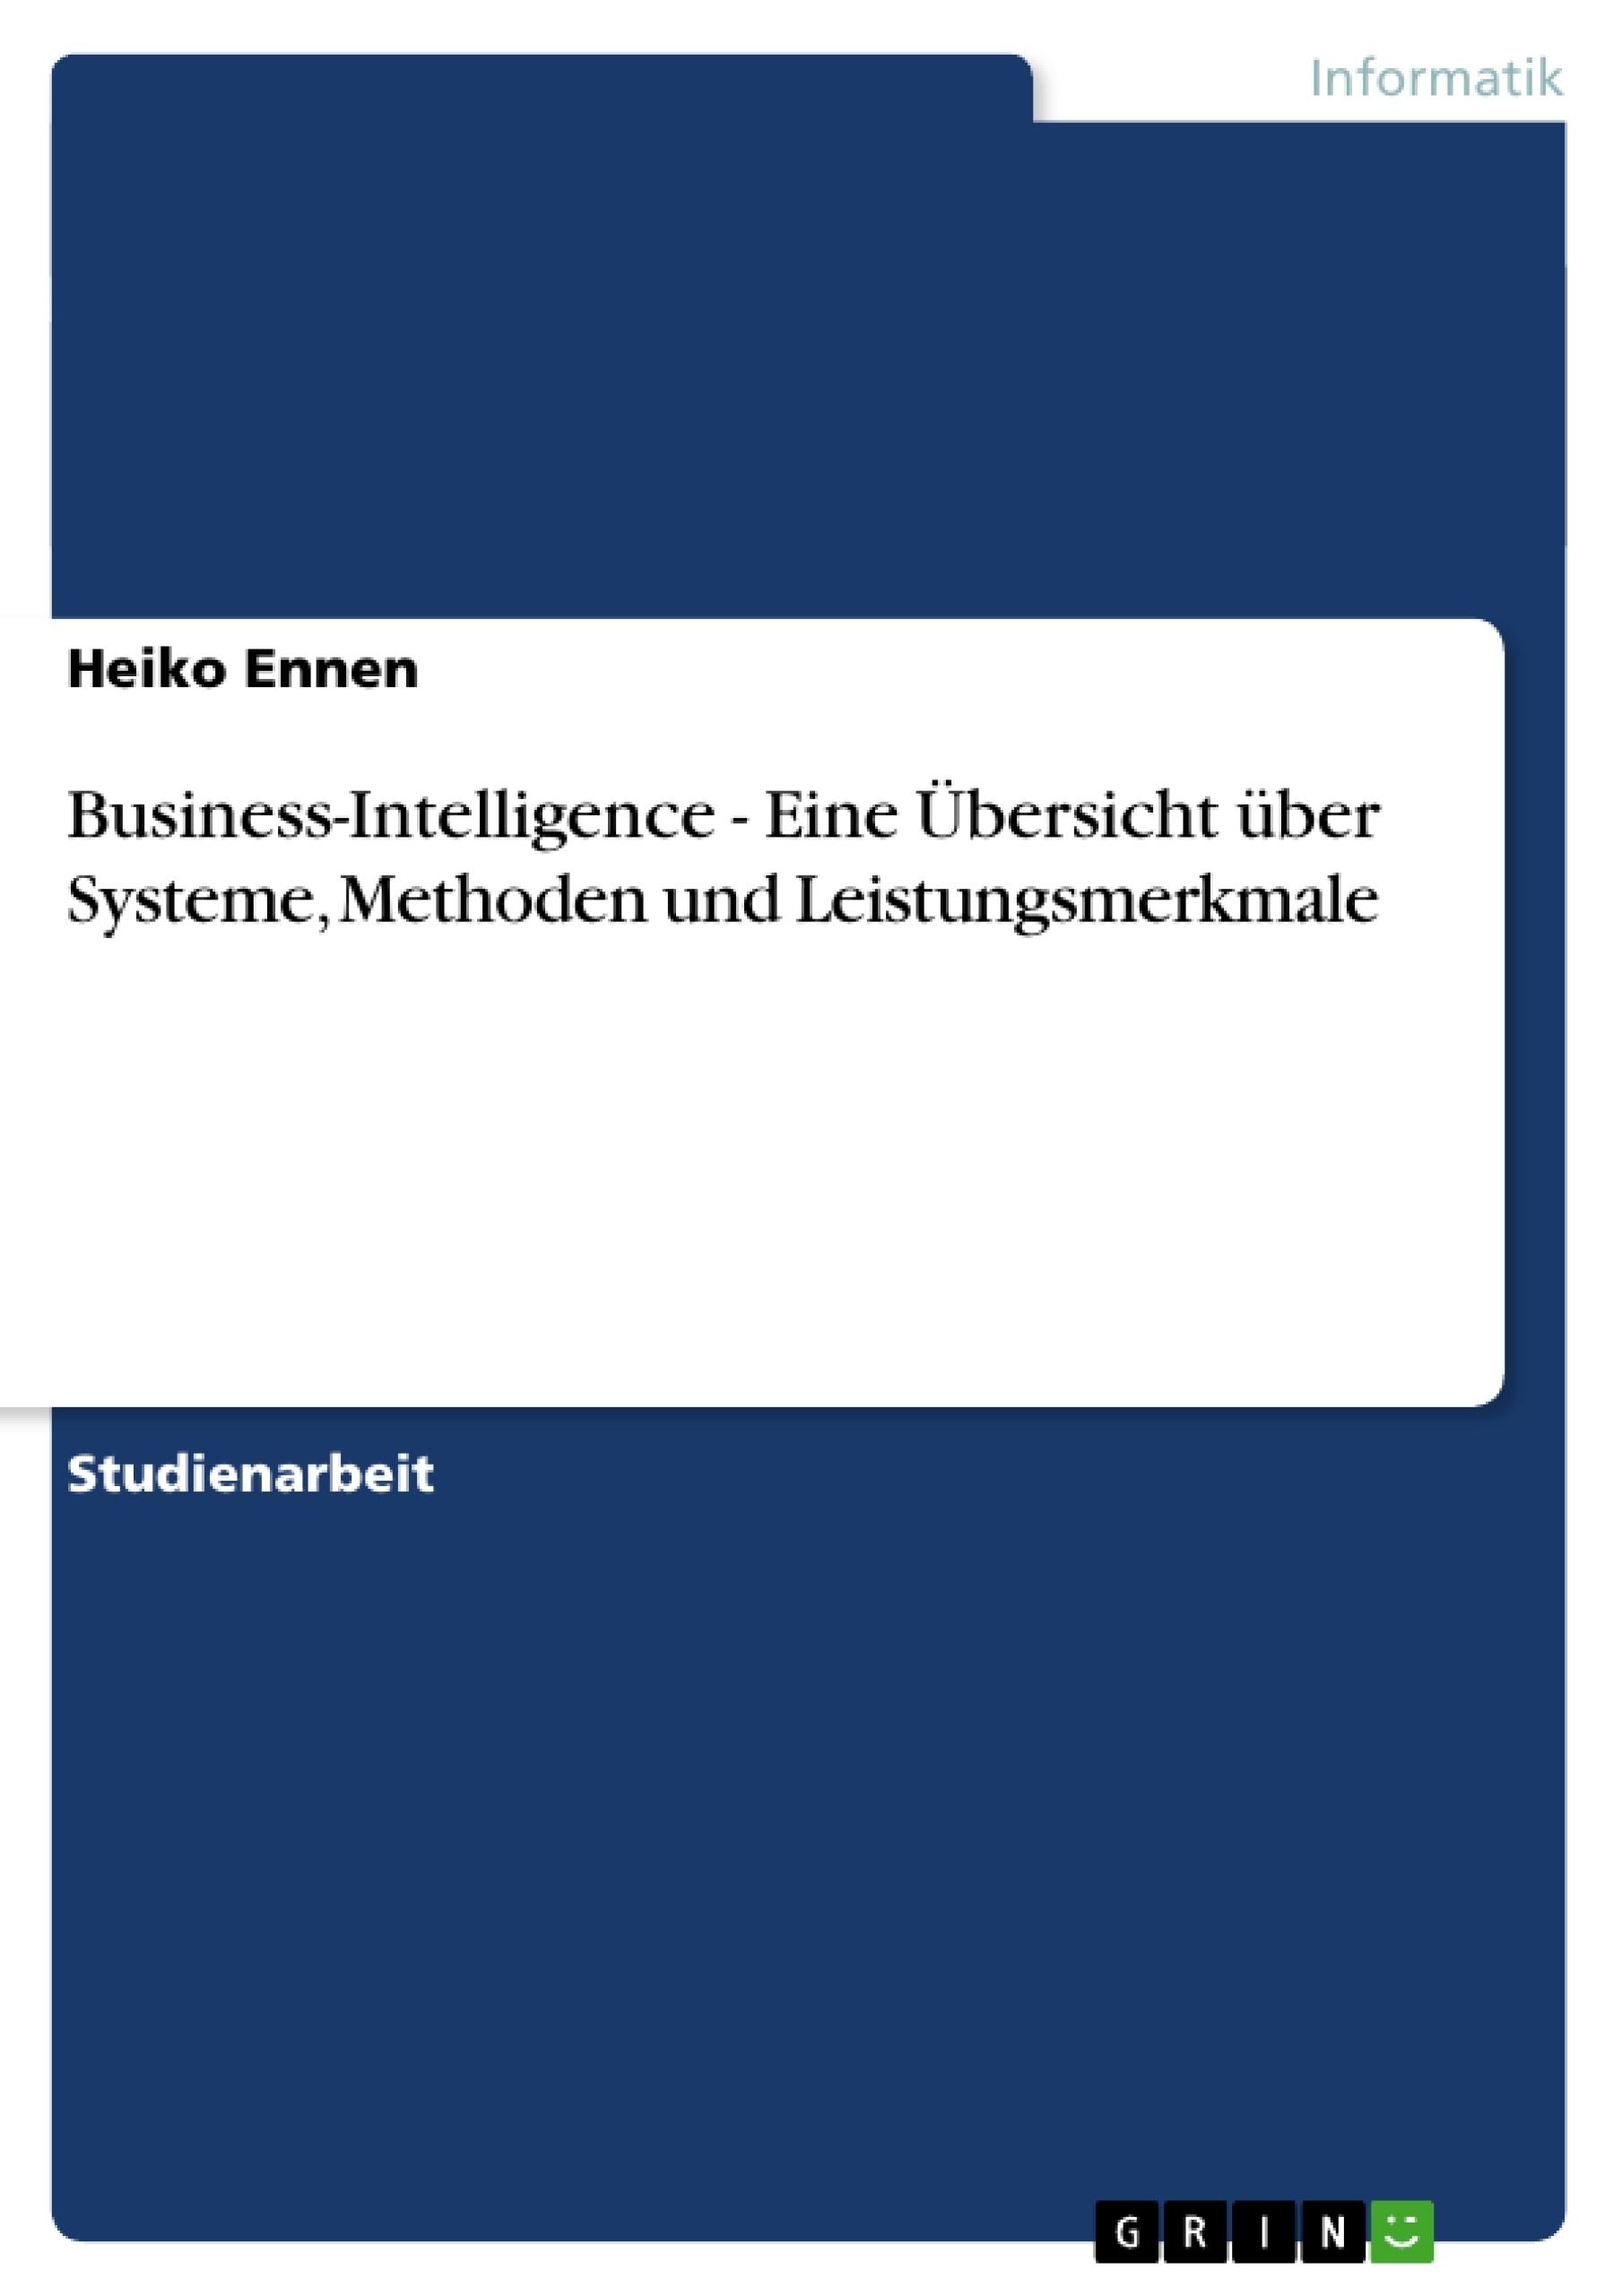 Titel: Business-Intelligence - Eine Übersicht über Systeme, Methoden und Leistungsmerkmale